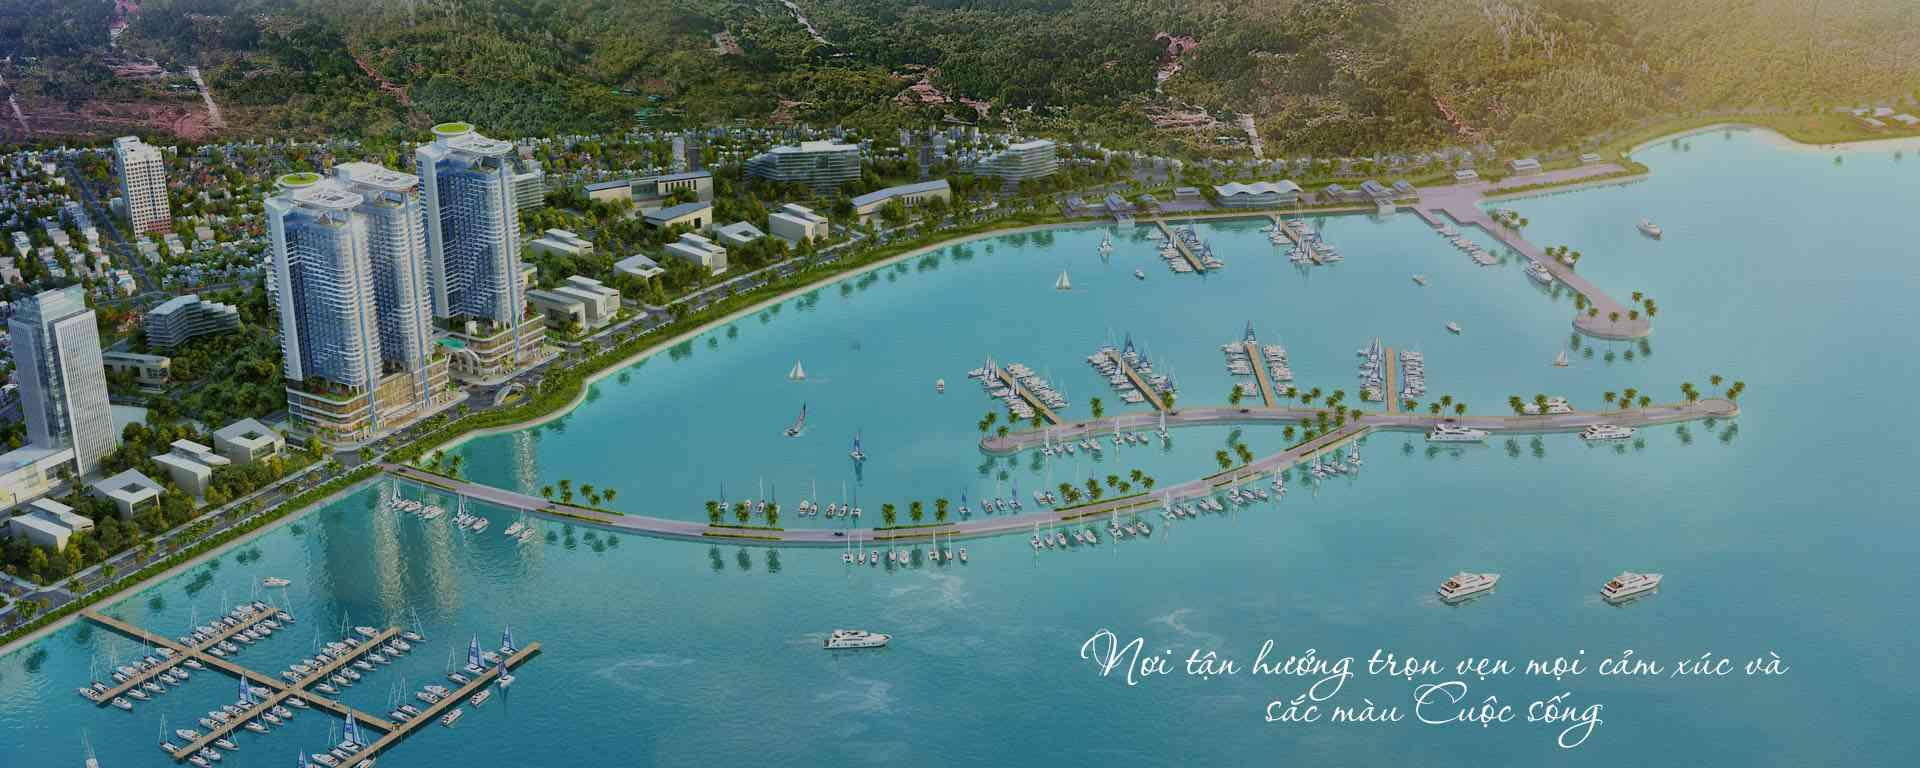 Tổng quan dự án Swisstouches La Luna Resort thành phố biển Nha Trang